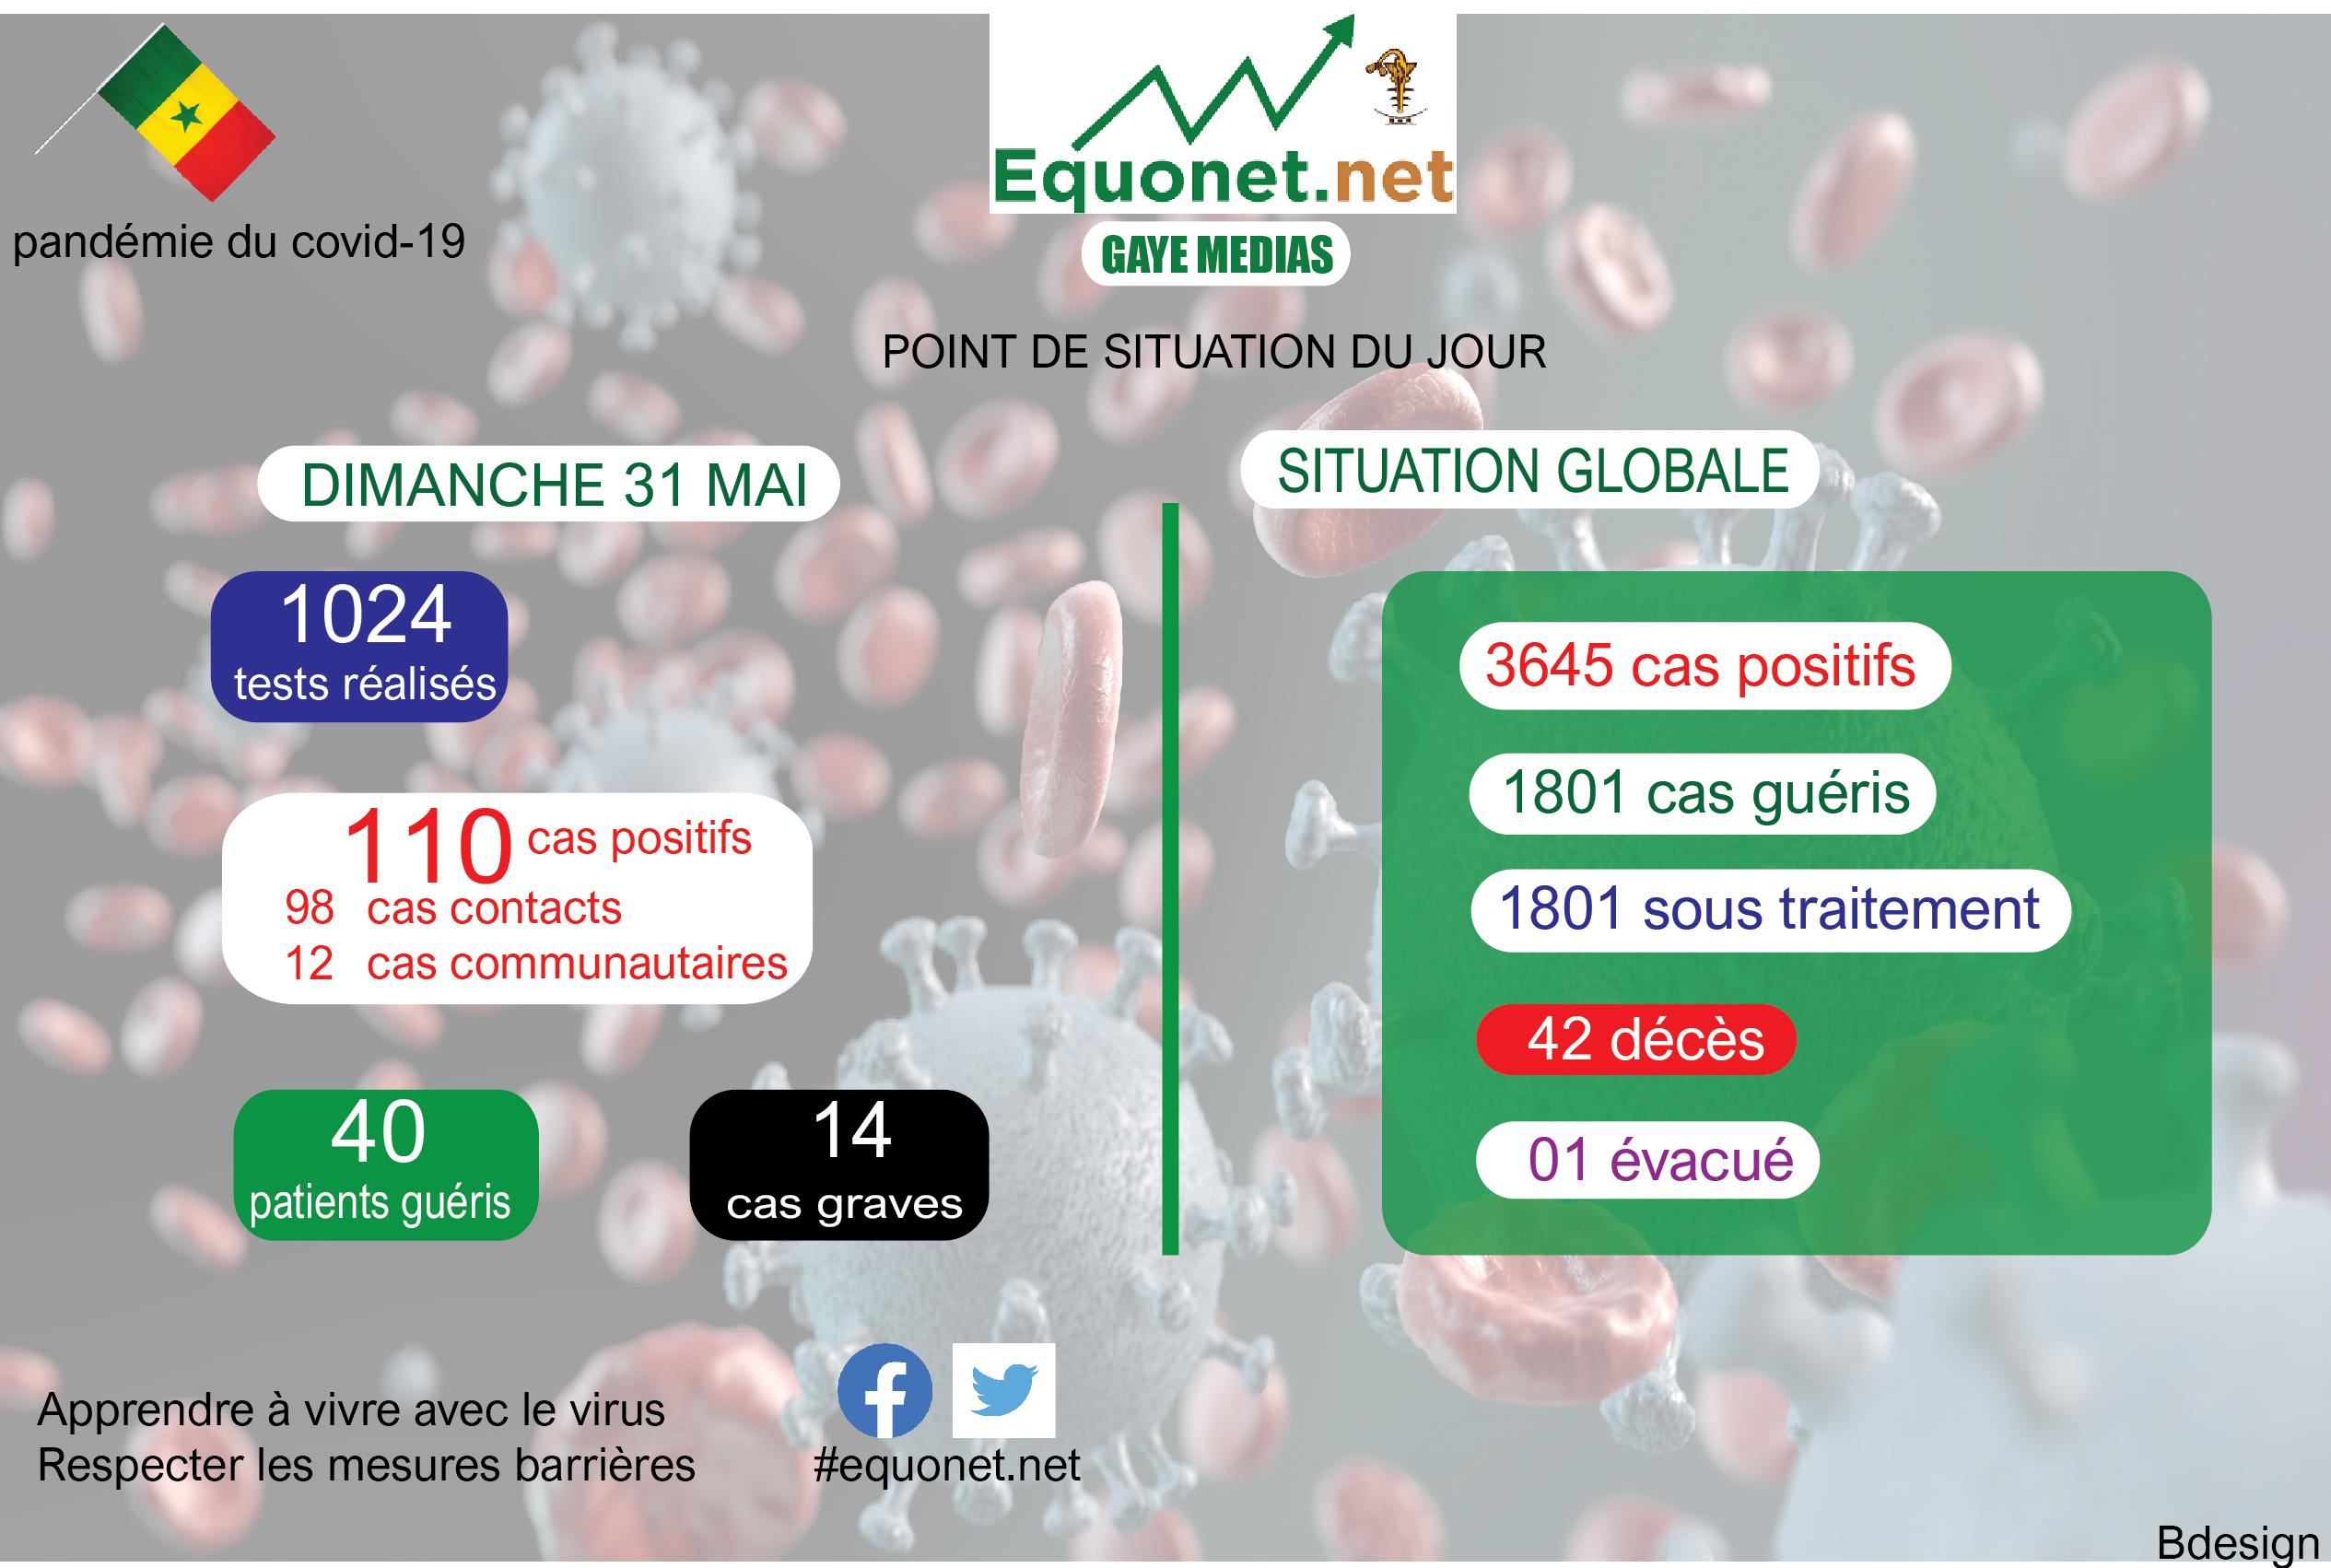 pandémie du coronavirus-covid-19 au sénégal : point de situation du dimanche 31 mai 2020